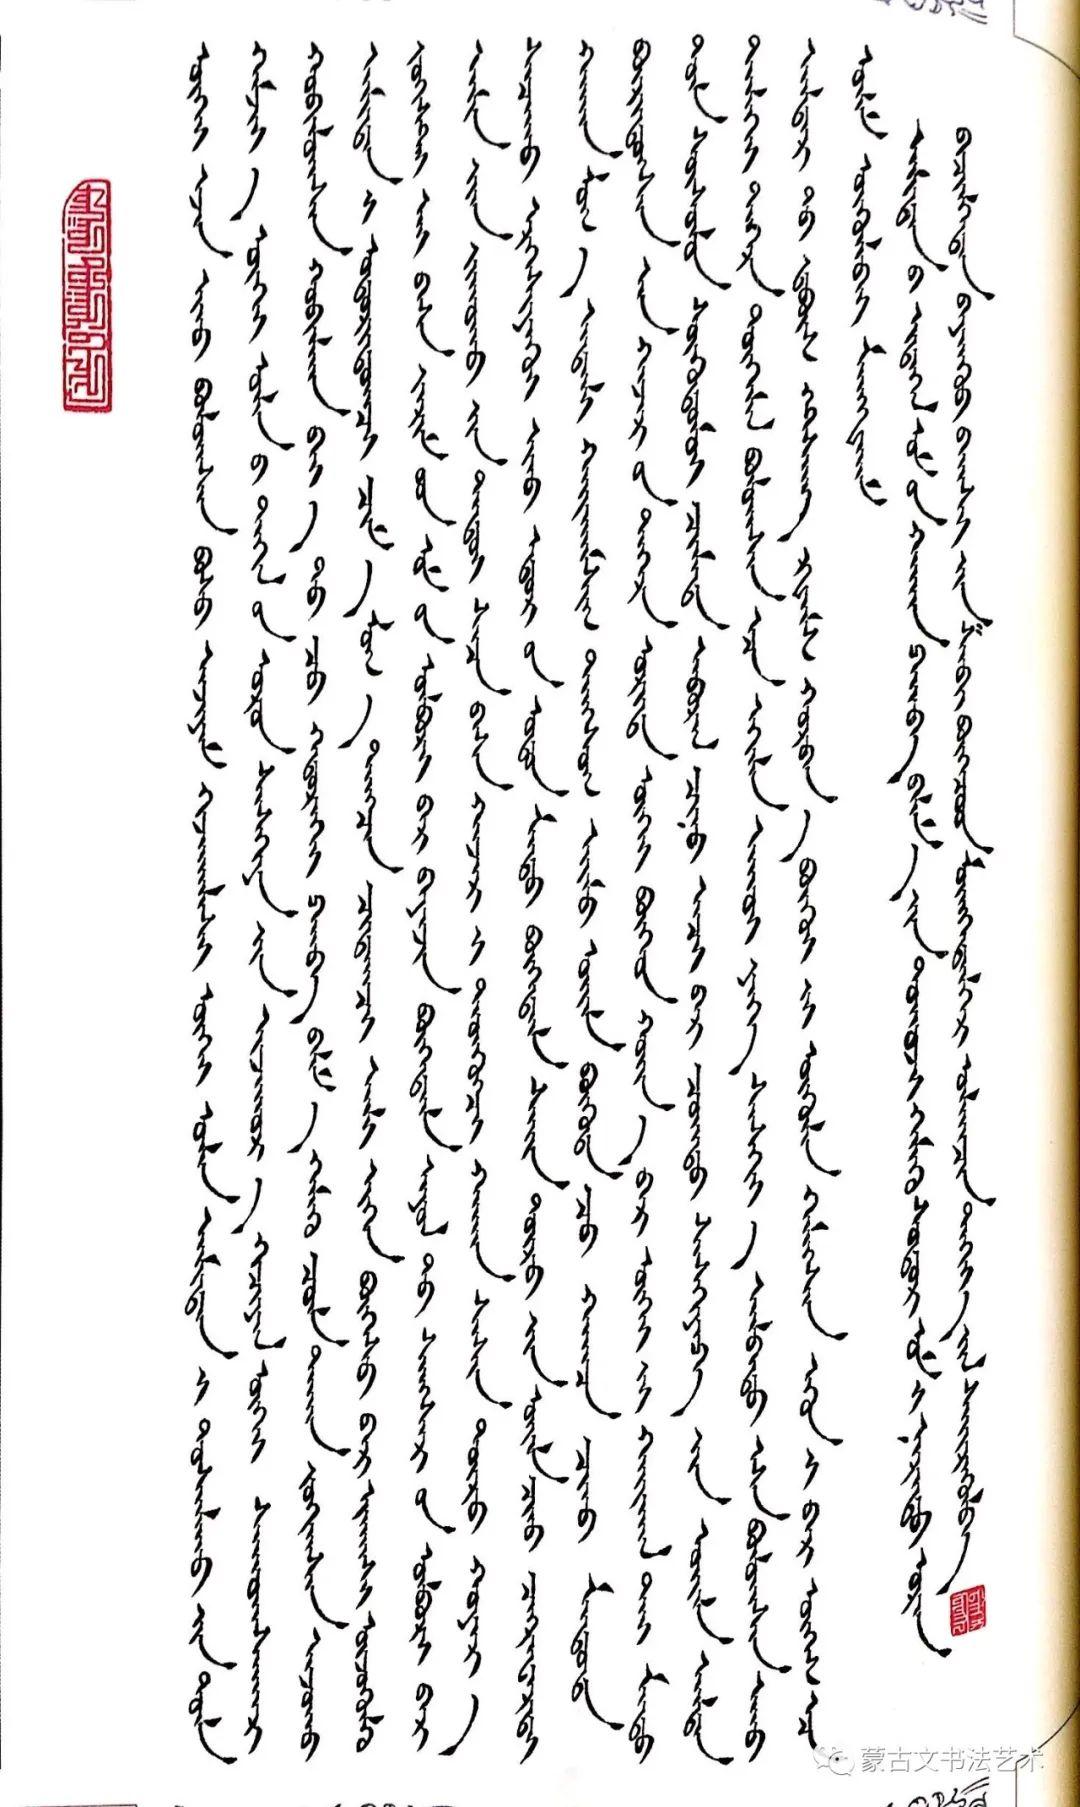 孟克德力格尔楷书著作《八思巴传》 第8张 孟克德力格尔楷书著作《八思巴传》 蒙古书法